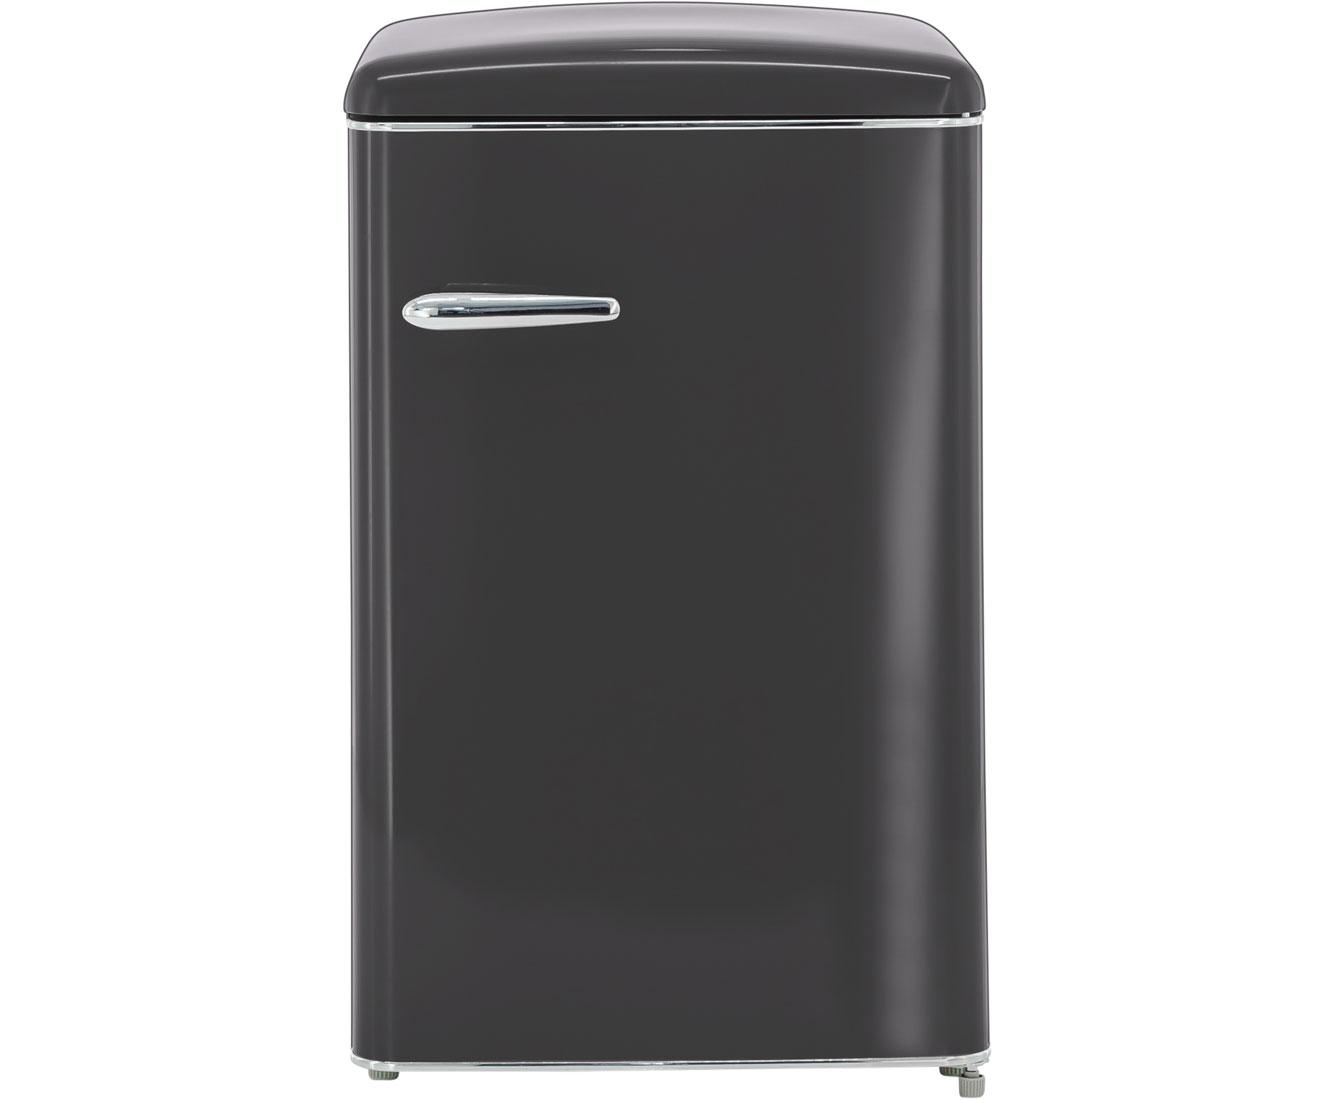 Bomann Mini Kühlschrank Preis : Kleiner kühlschrank exquisit exquisit mini kühlschrank cooler